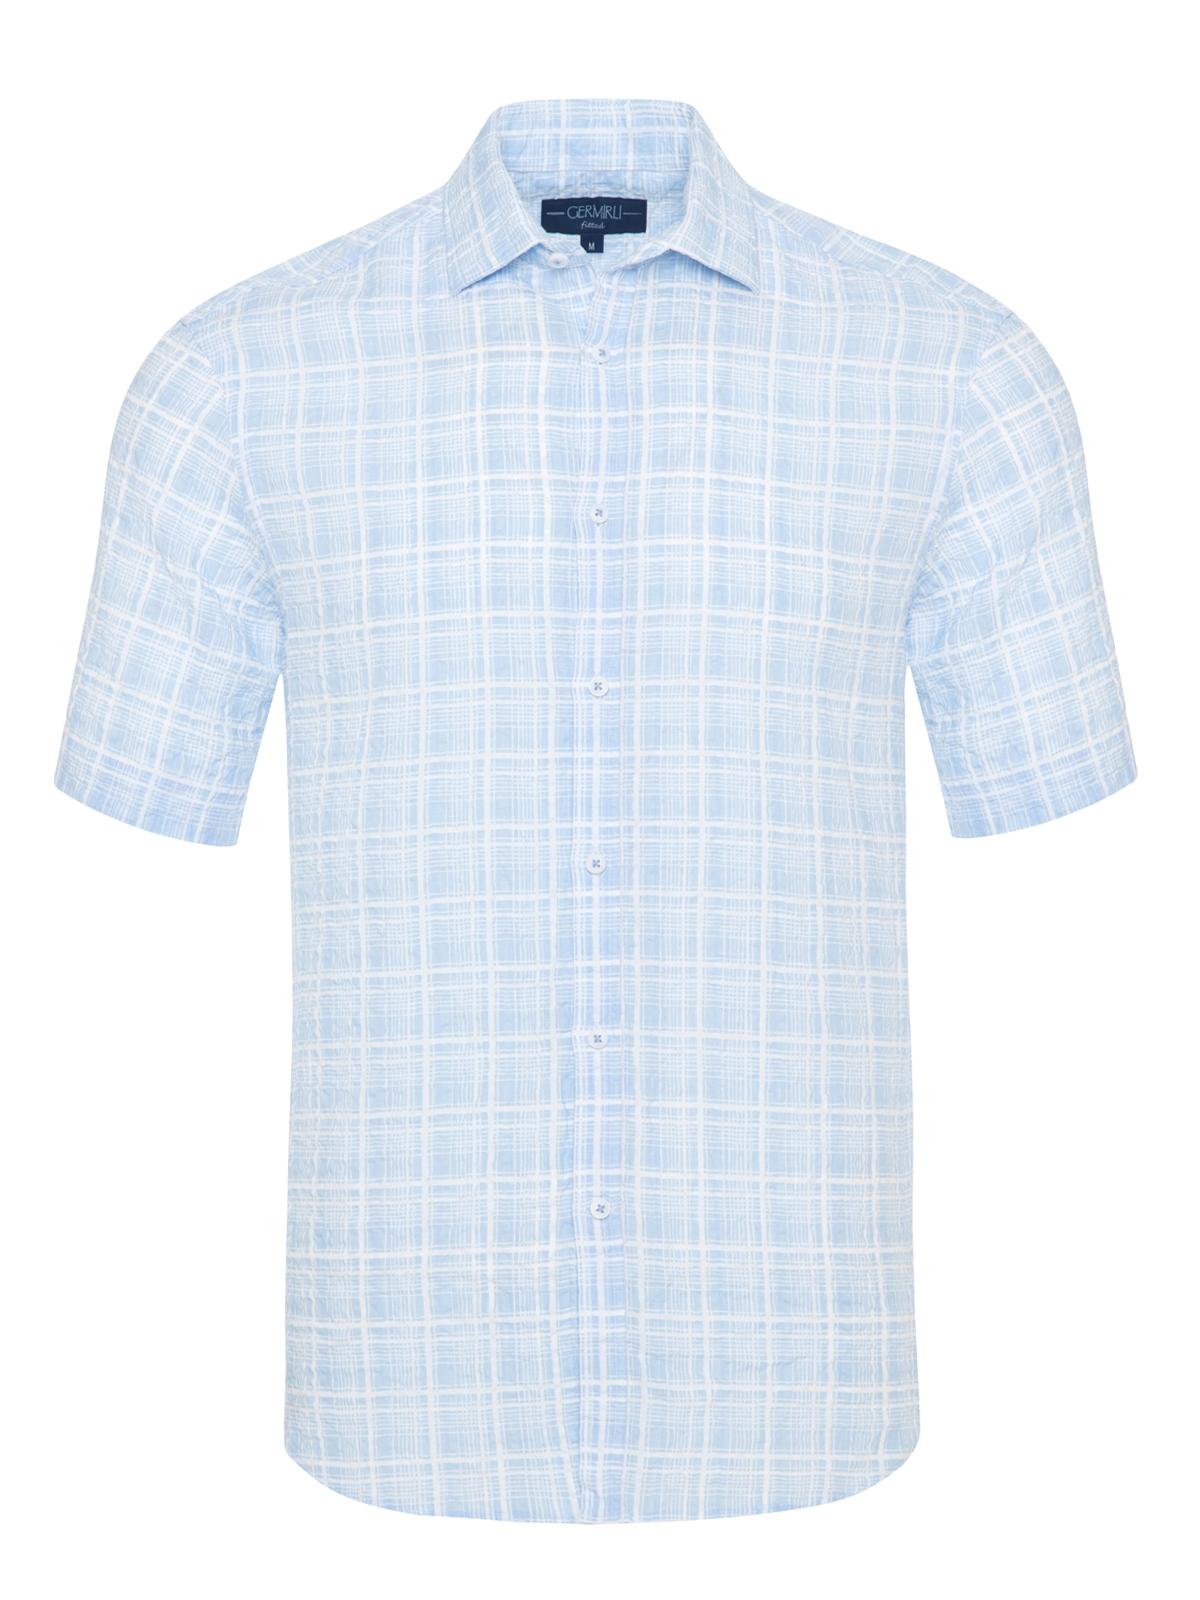 Germirli - Germirli Mavi Beyaz Seersucker Keten Kısa Kollu Tailor Fit Gömlek